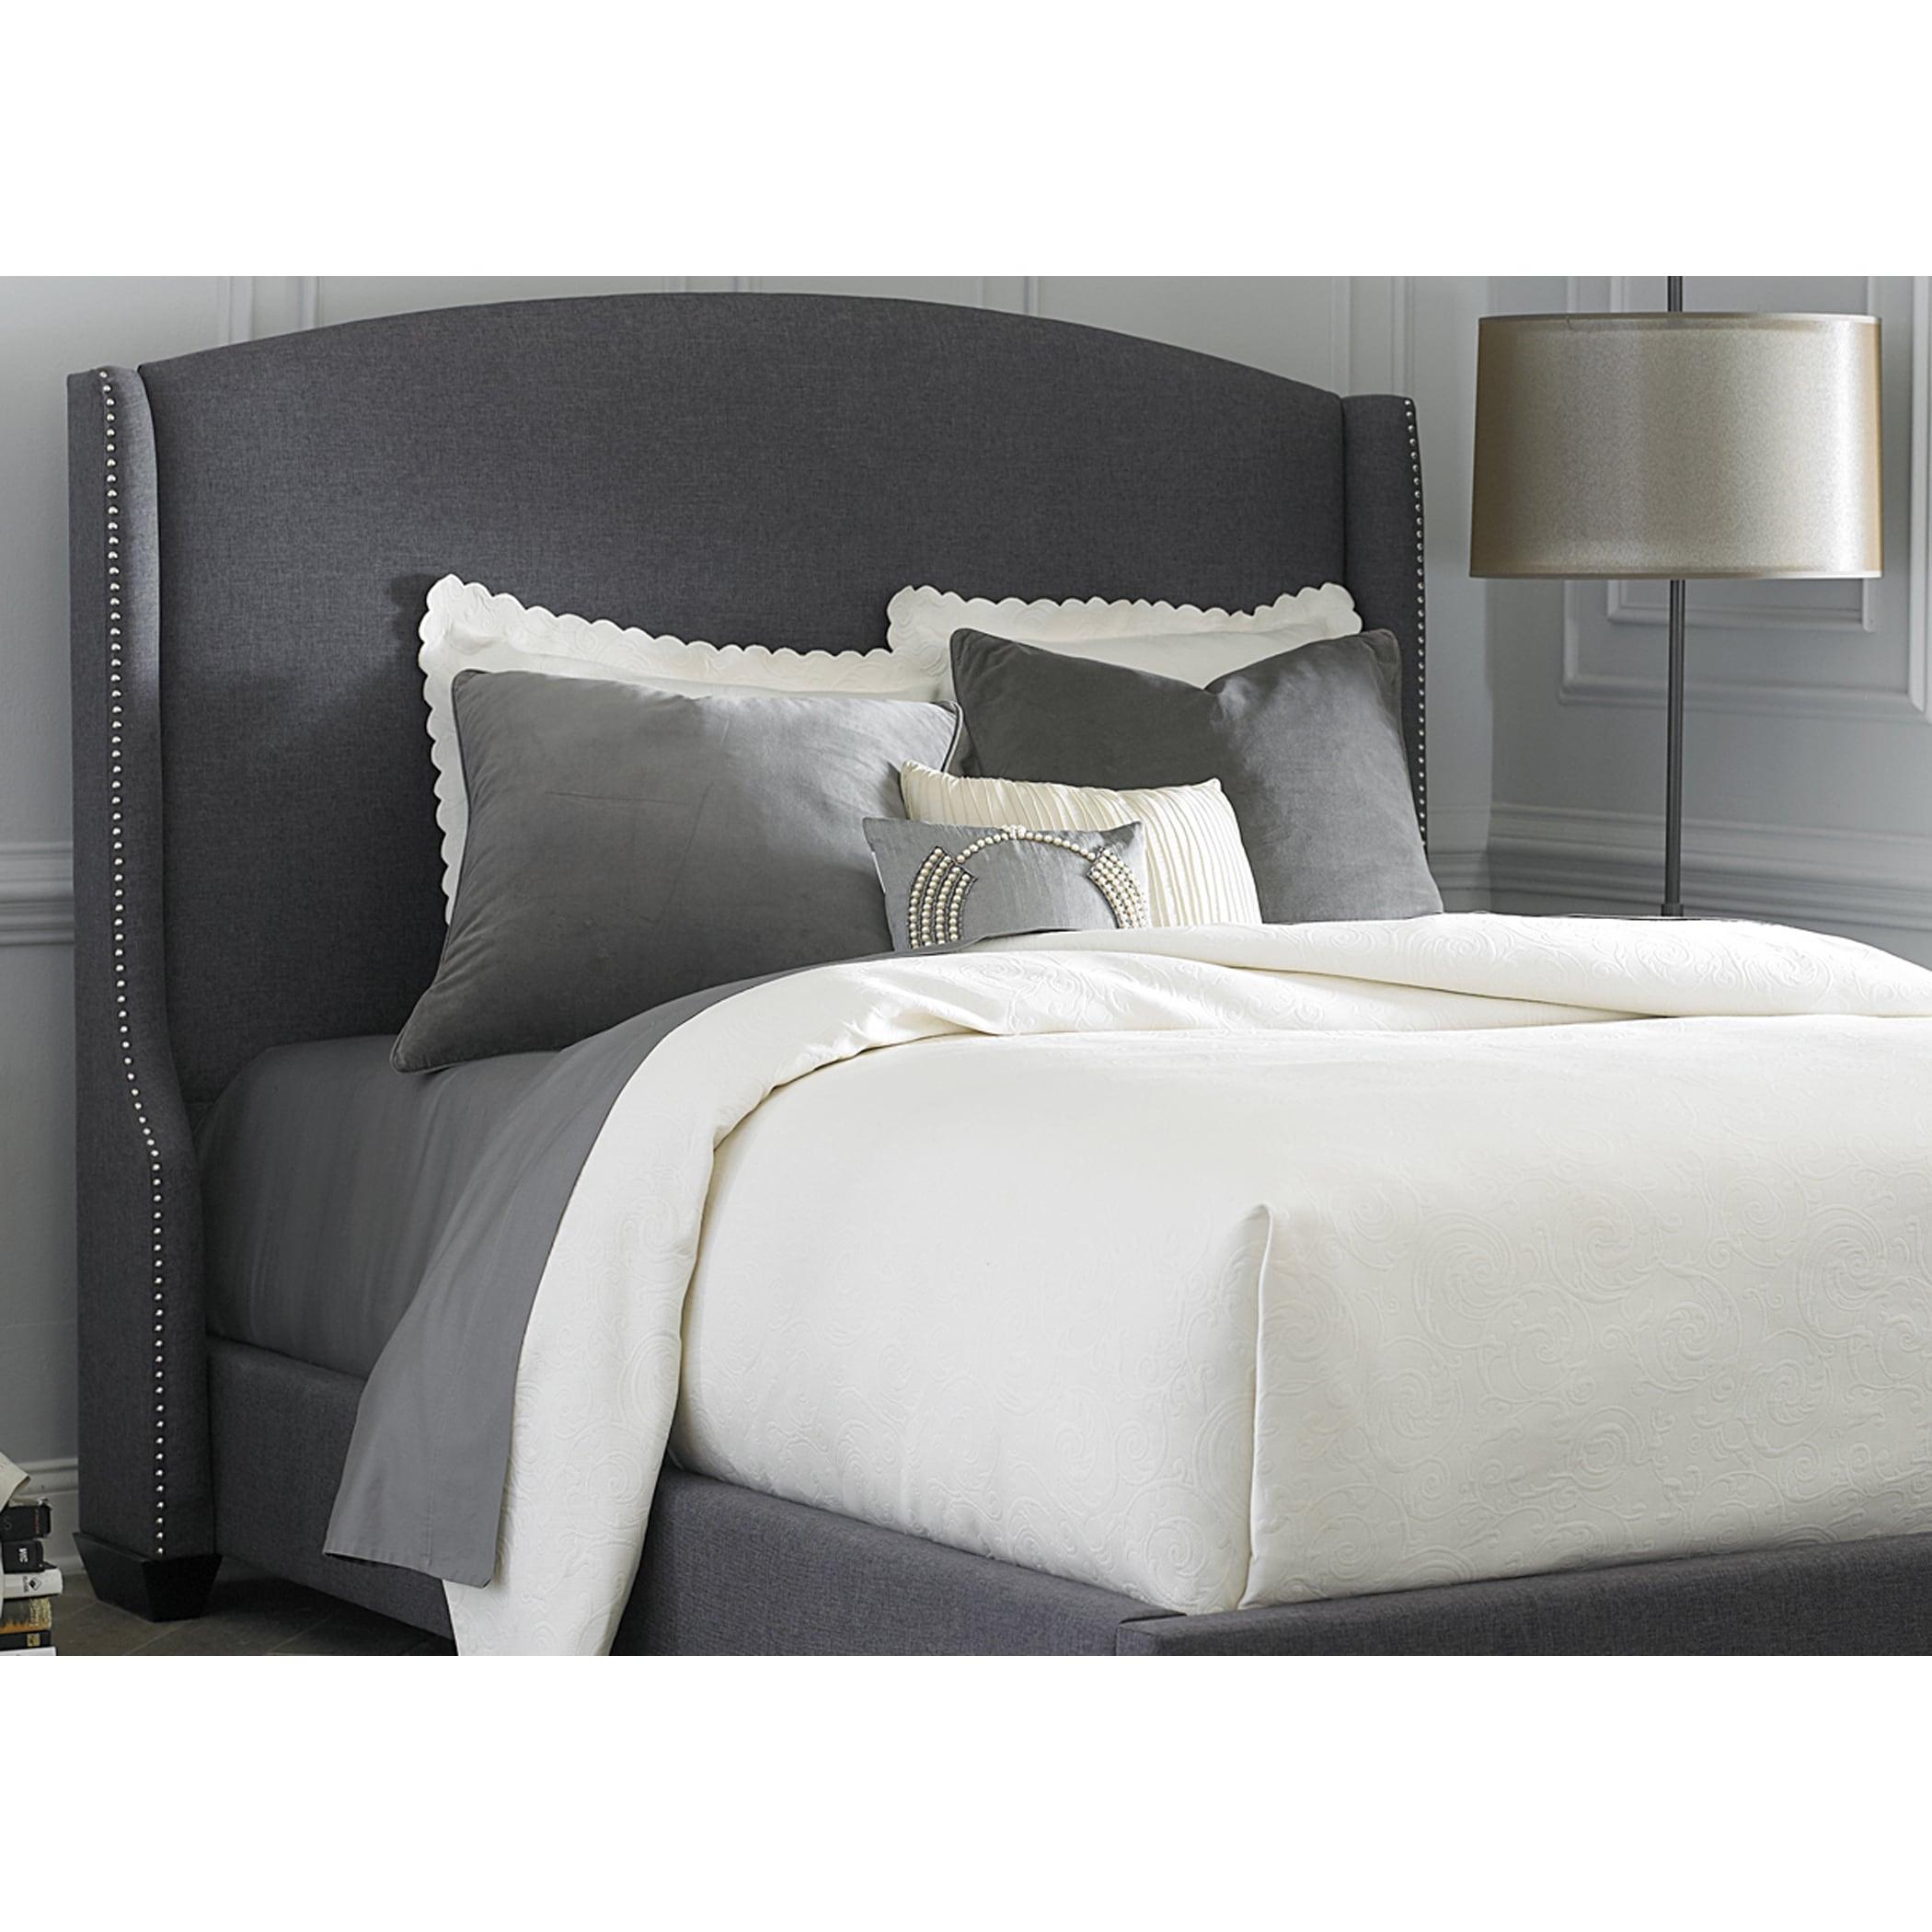 King size bedroom sets on ebay Beds & Bed Frames